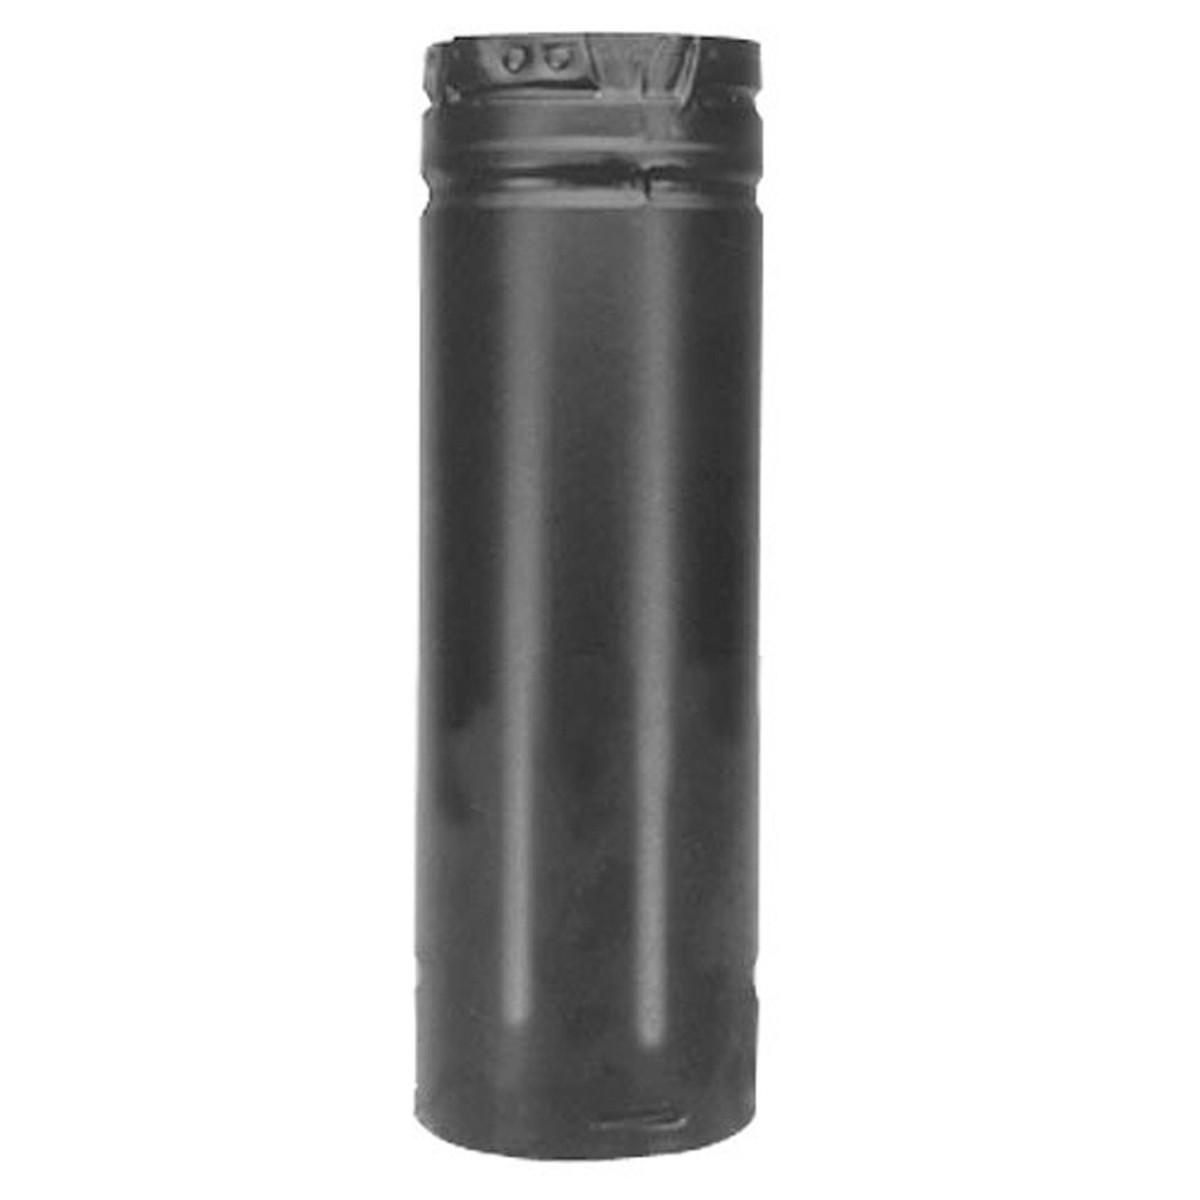 nle5sp 4pvp 36b 00 4 x 36 pelletvent pro black pellet stove chimney pipe 4pvp 36b 6291 main